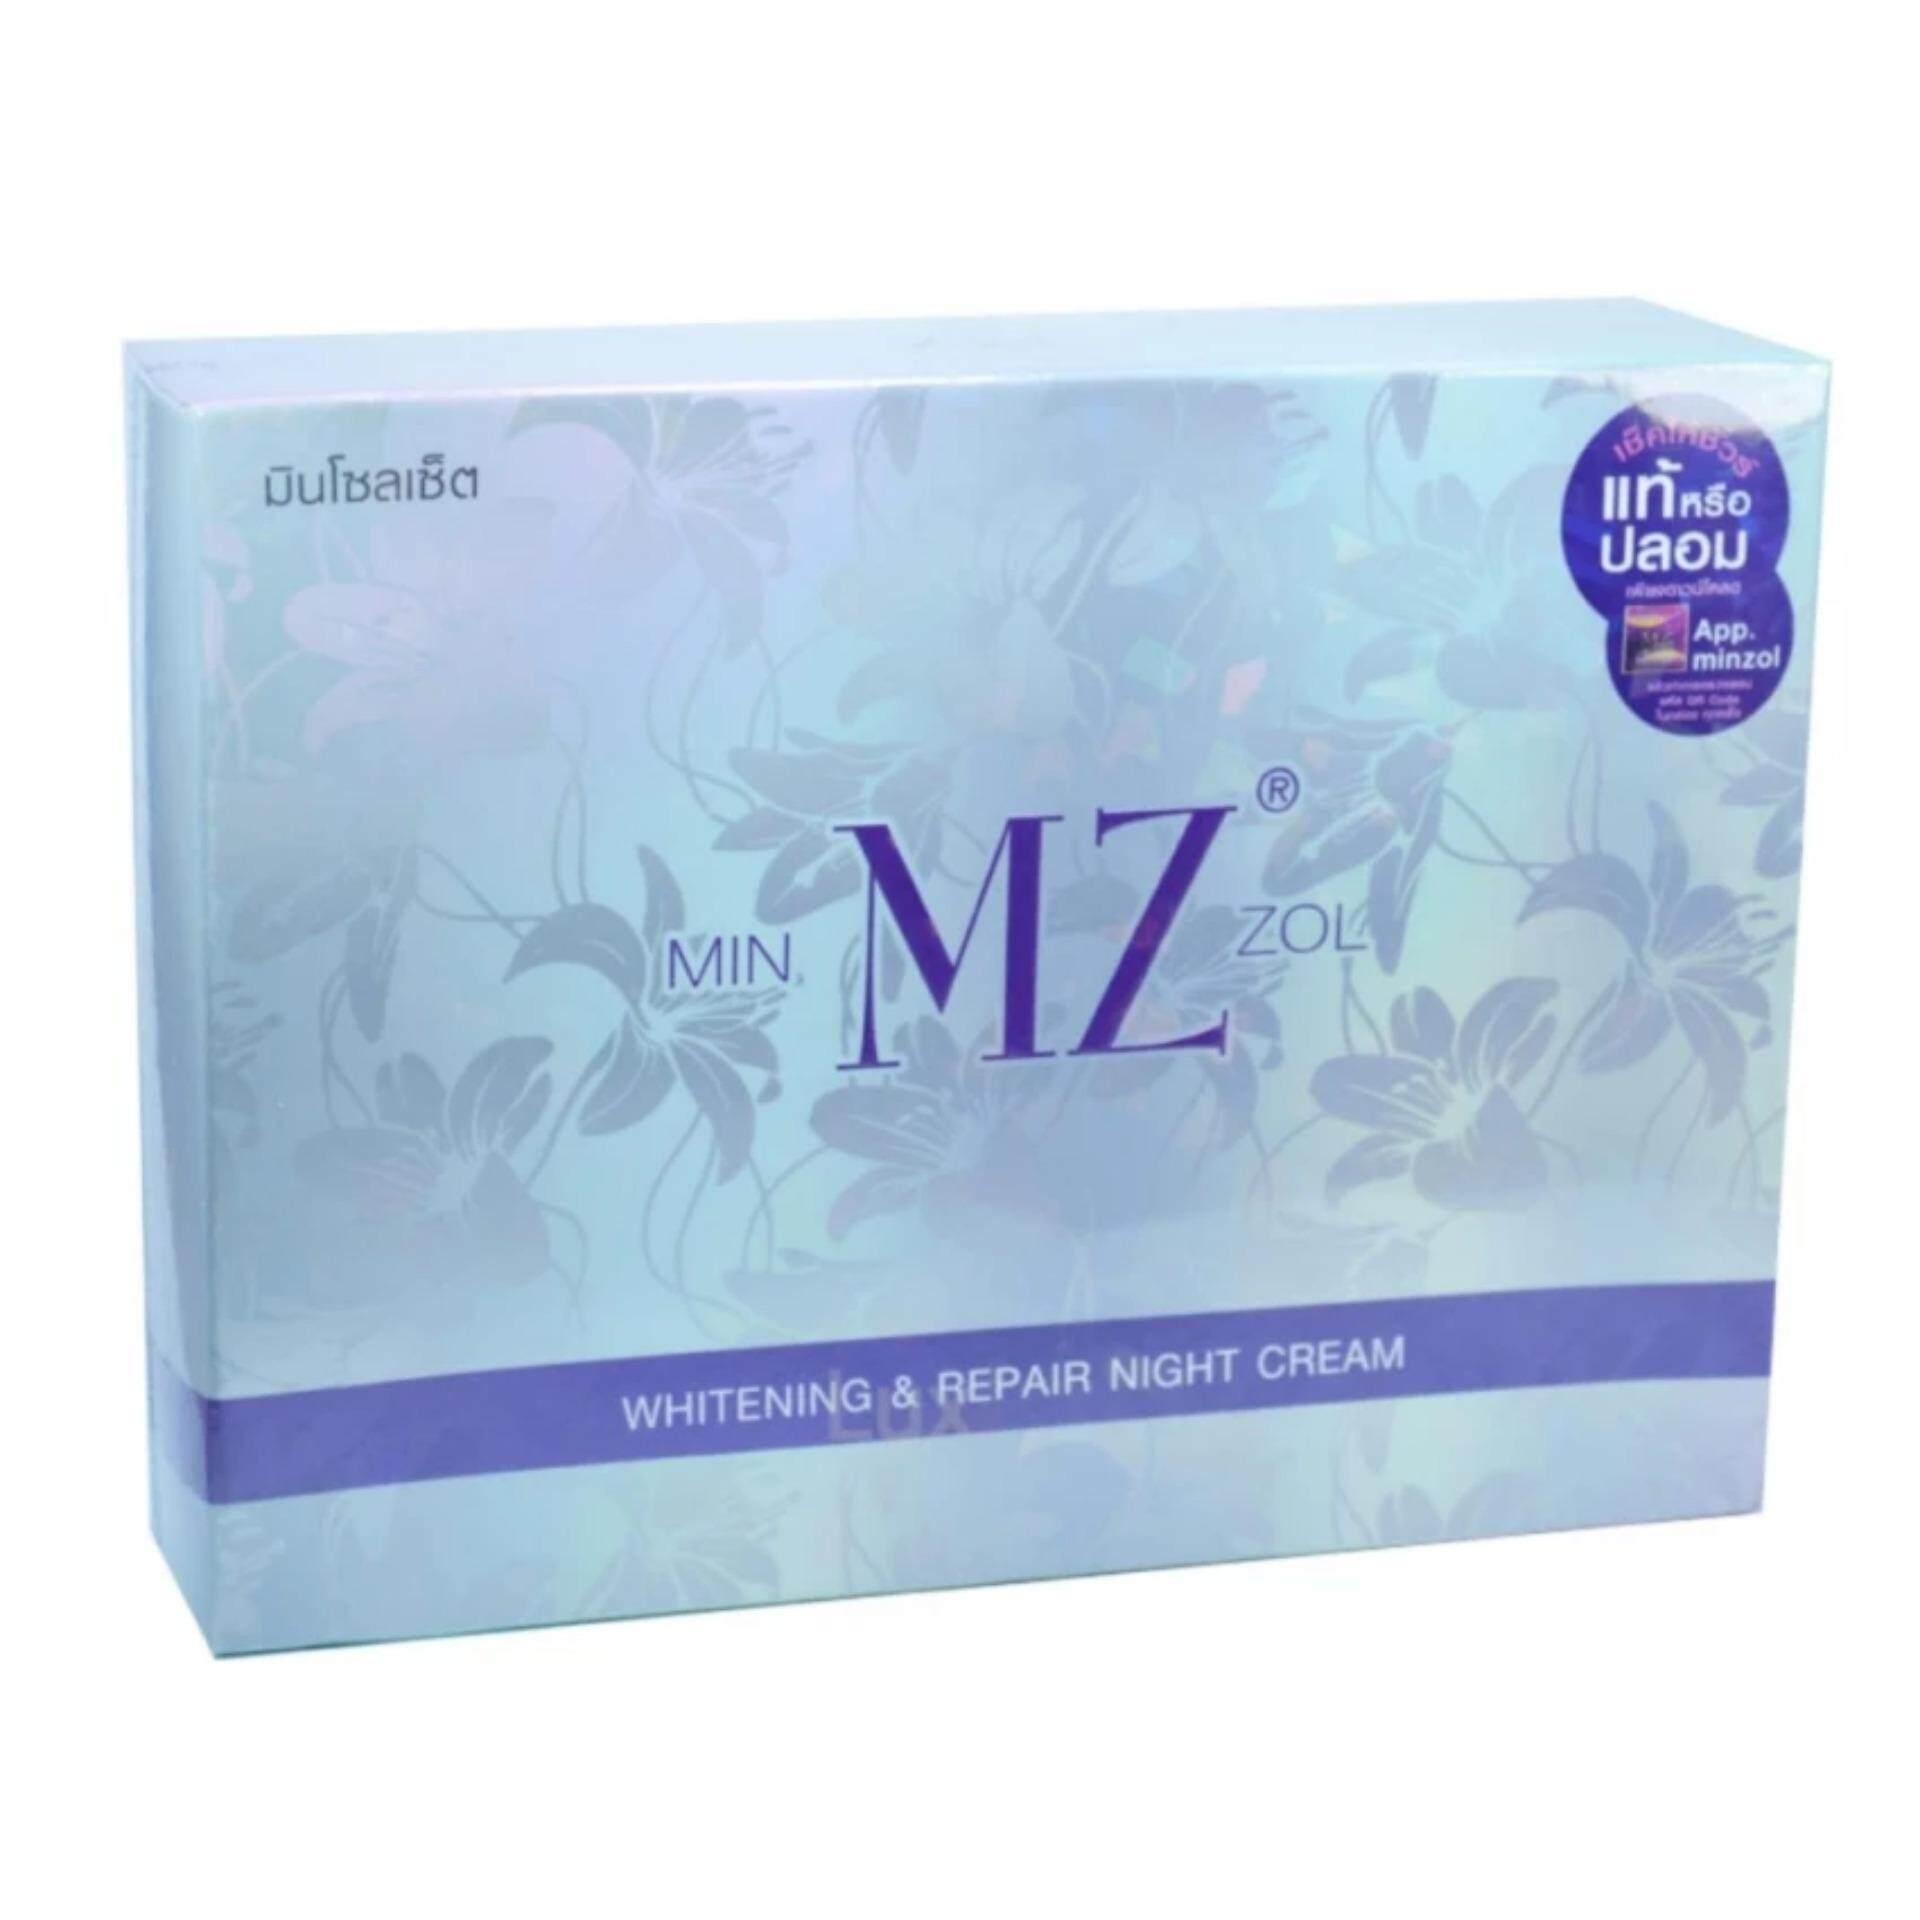 โปรโมชั่น ลดราคาส่งท้ายปี MinZol ครีมมินโซว หน้าขาว กระจ่างใส ไร้สิว (ของแท้100%) ครีมบำรุงหน้าที่ดีที่สุด